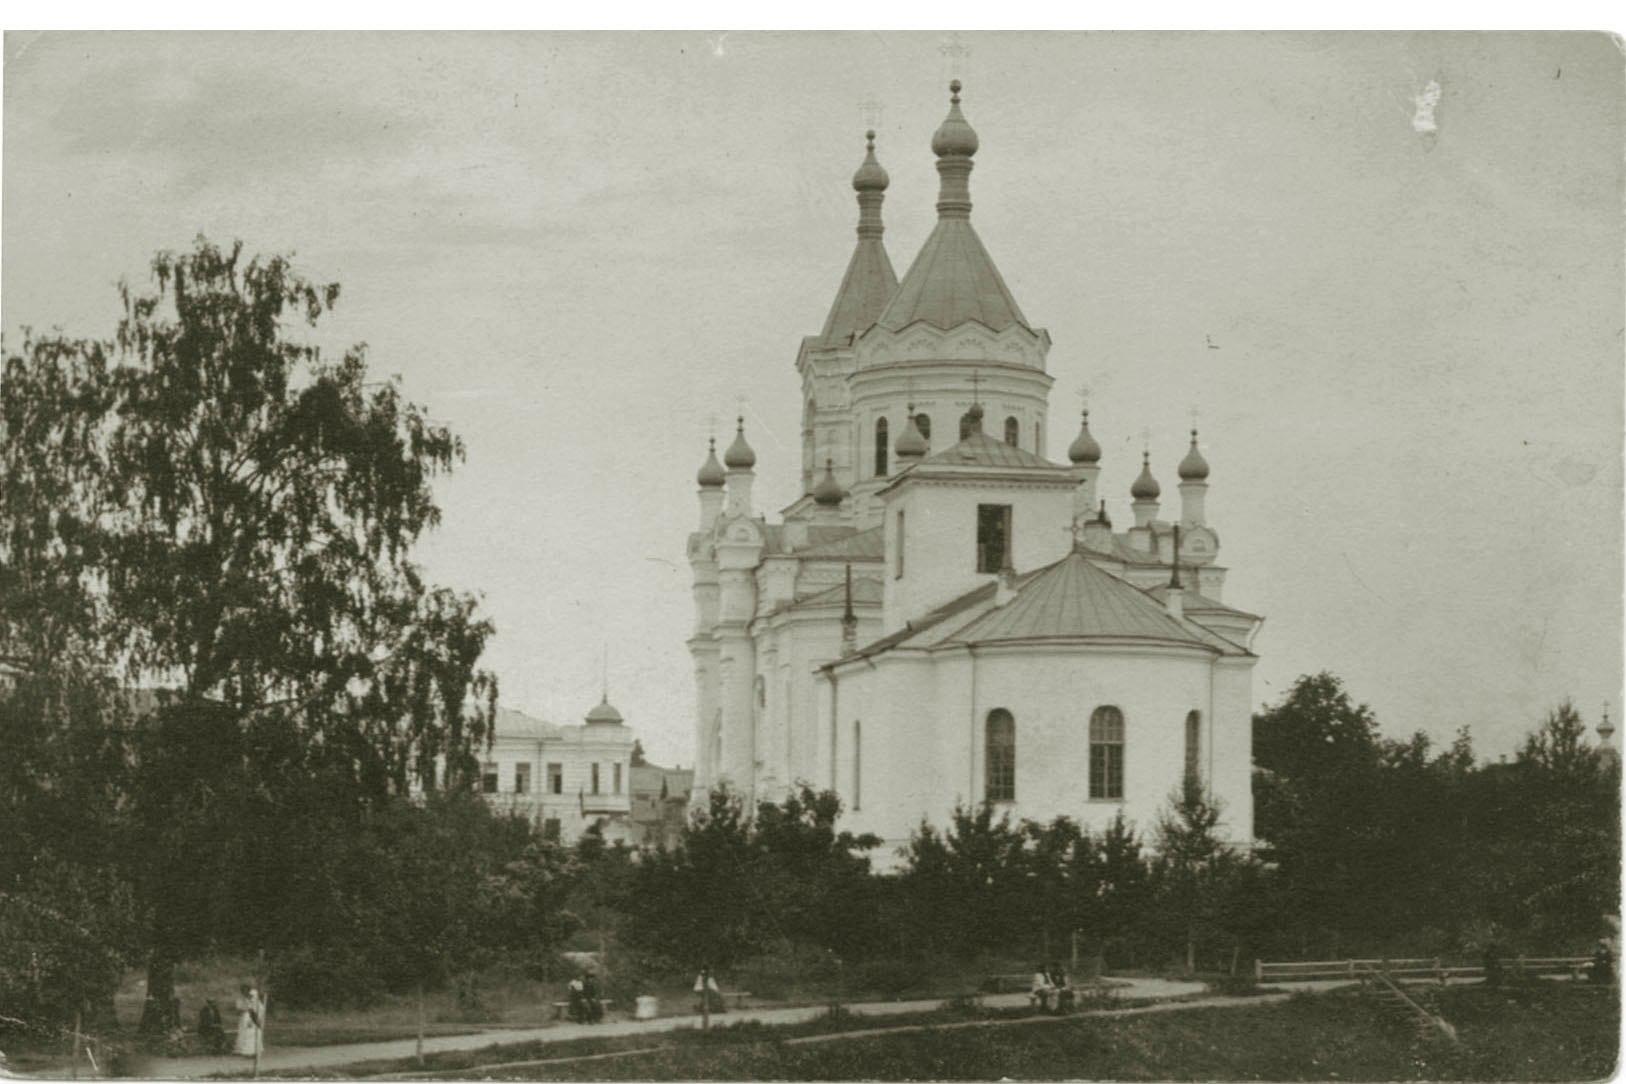 Городской сад. Ансамбль Екатерининской церкви и Воскресенского собора